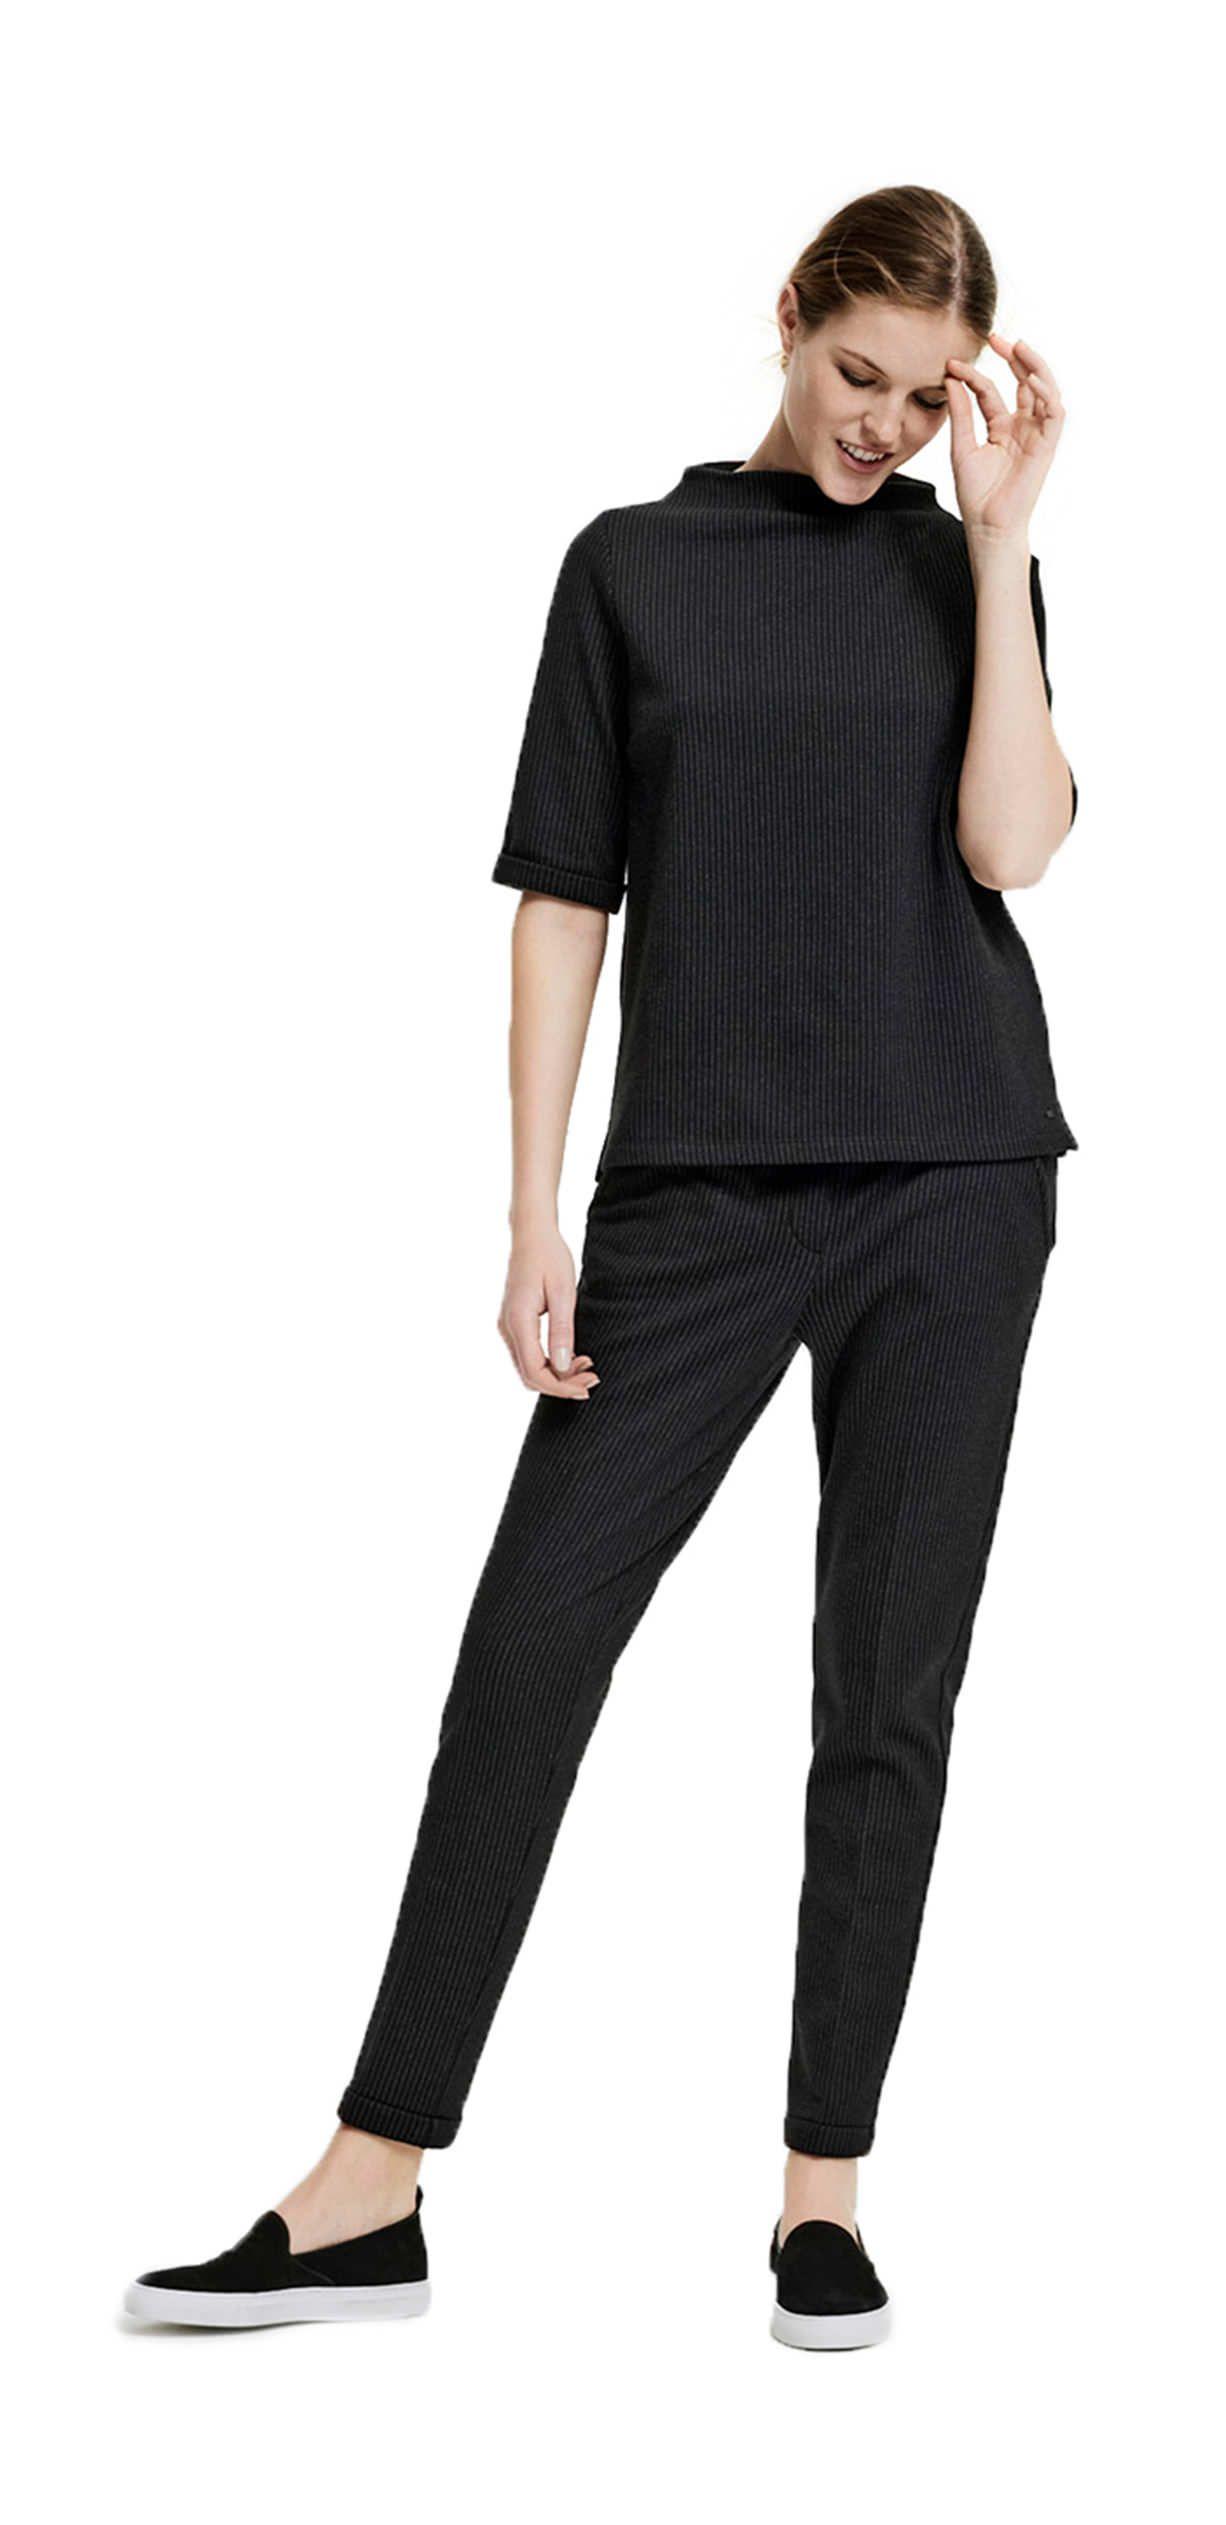 Damen Outfit Business Sweat von OPUS Fashion: schwarzer